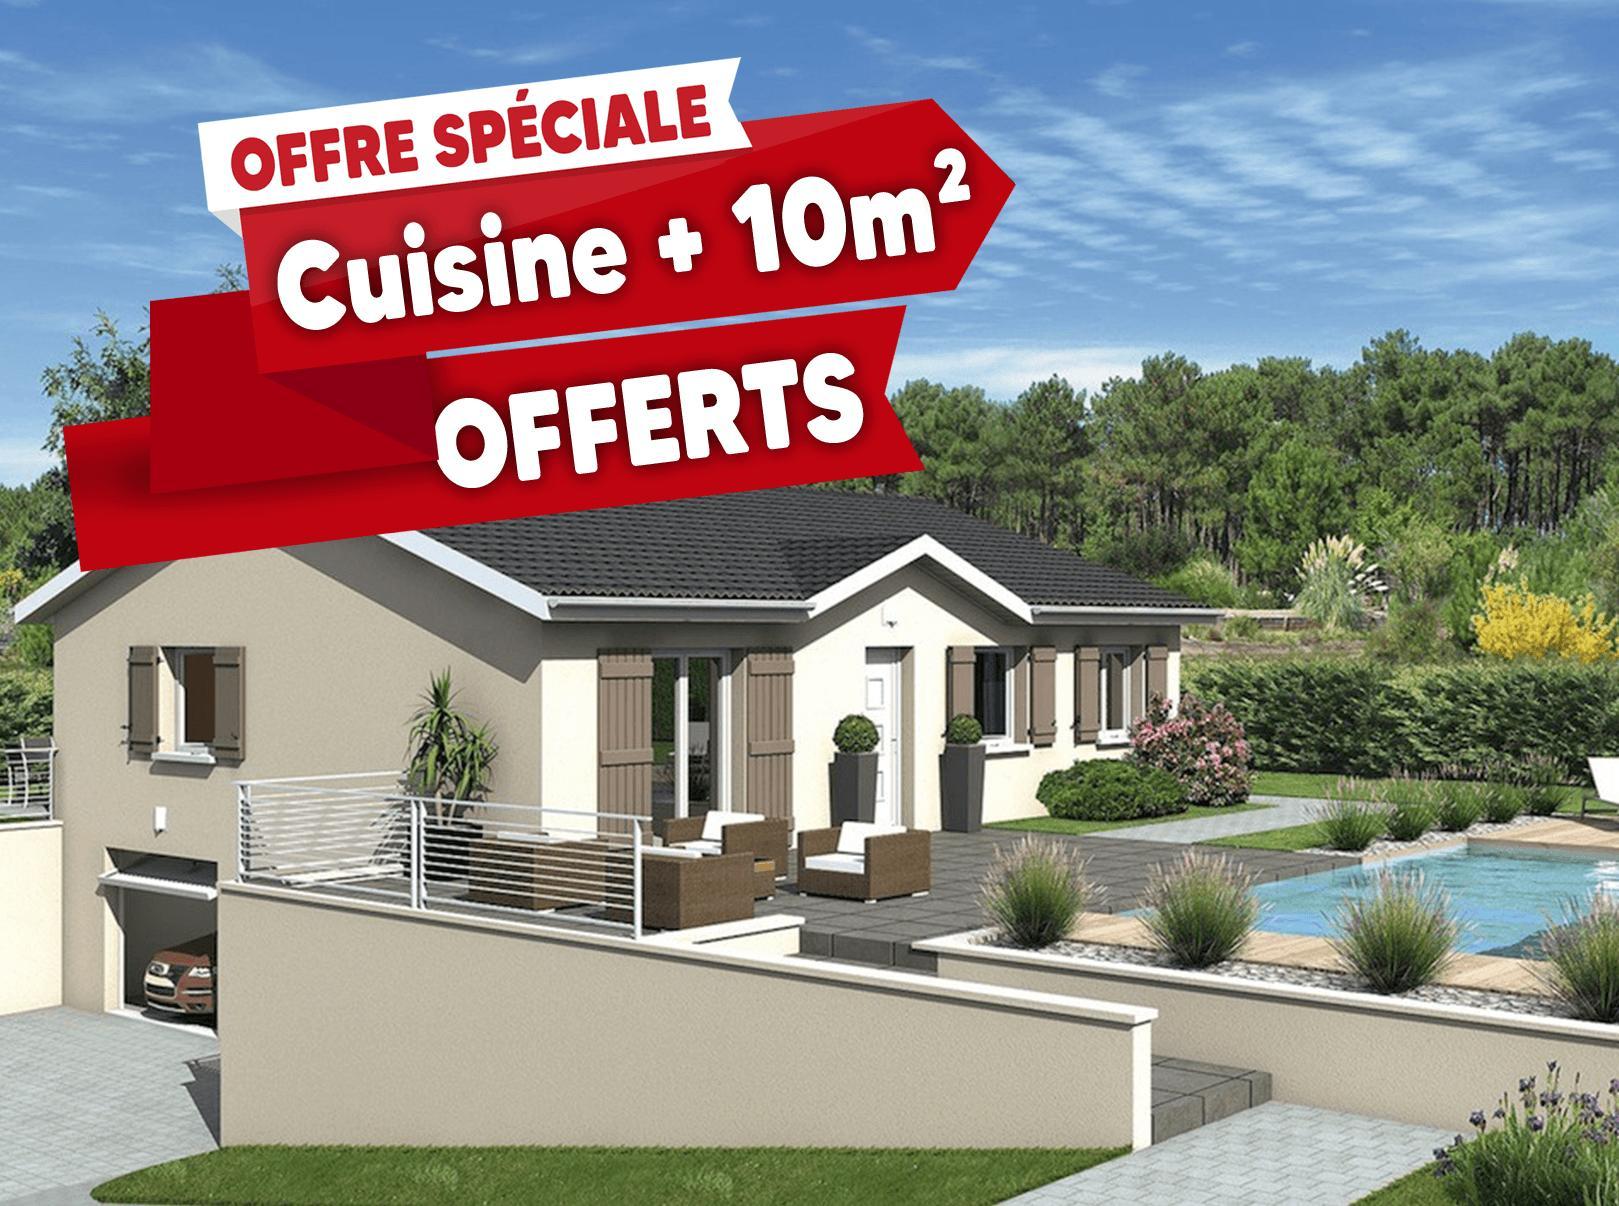 Maisons + Terrains du constructeur MAISONS PUNCH • 100 m² • FRAISSES